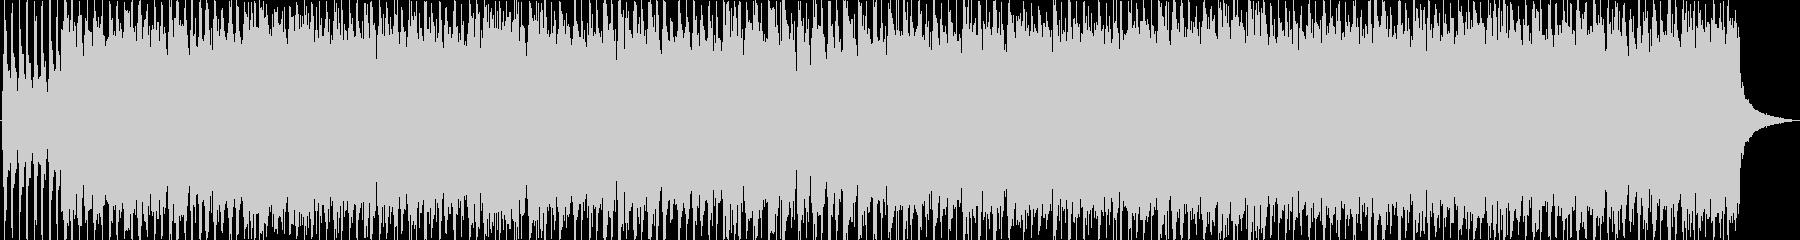 シューベルト「楽興の時」ロックアレンジの未再生の波形